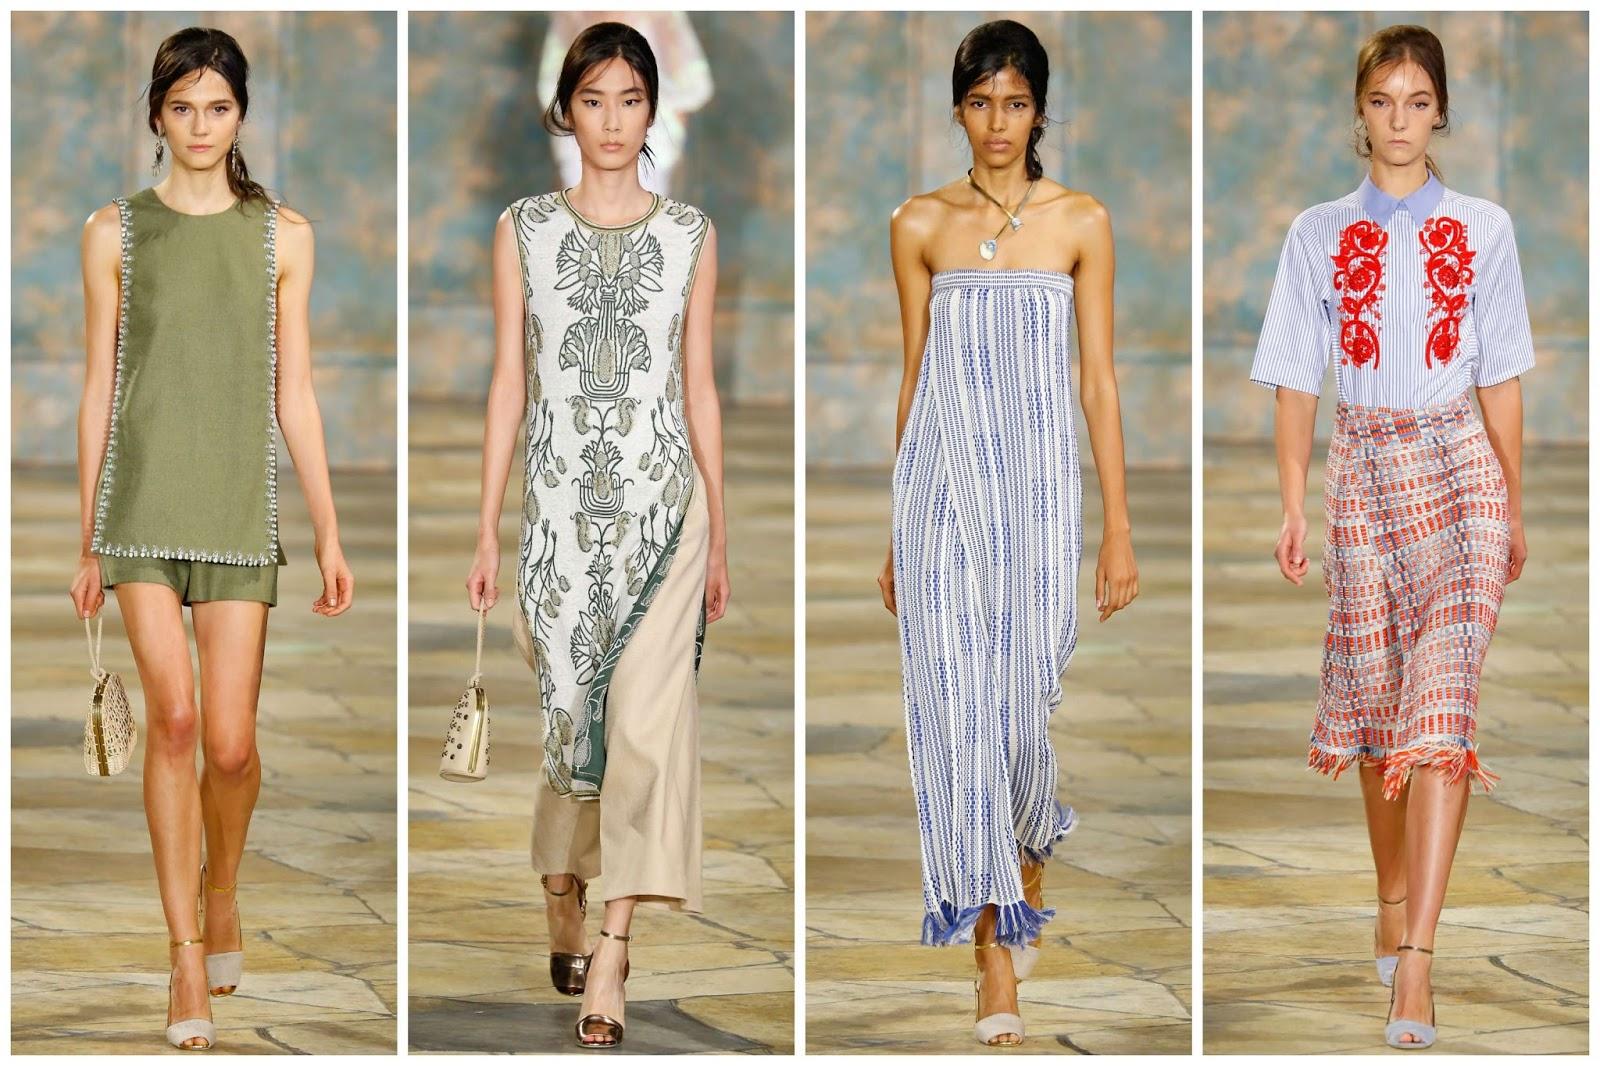 NYFW New York Fashion Week Best Fashion Shows Spring Summer Ready To Wear 2016